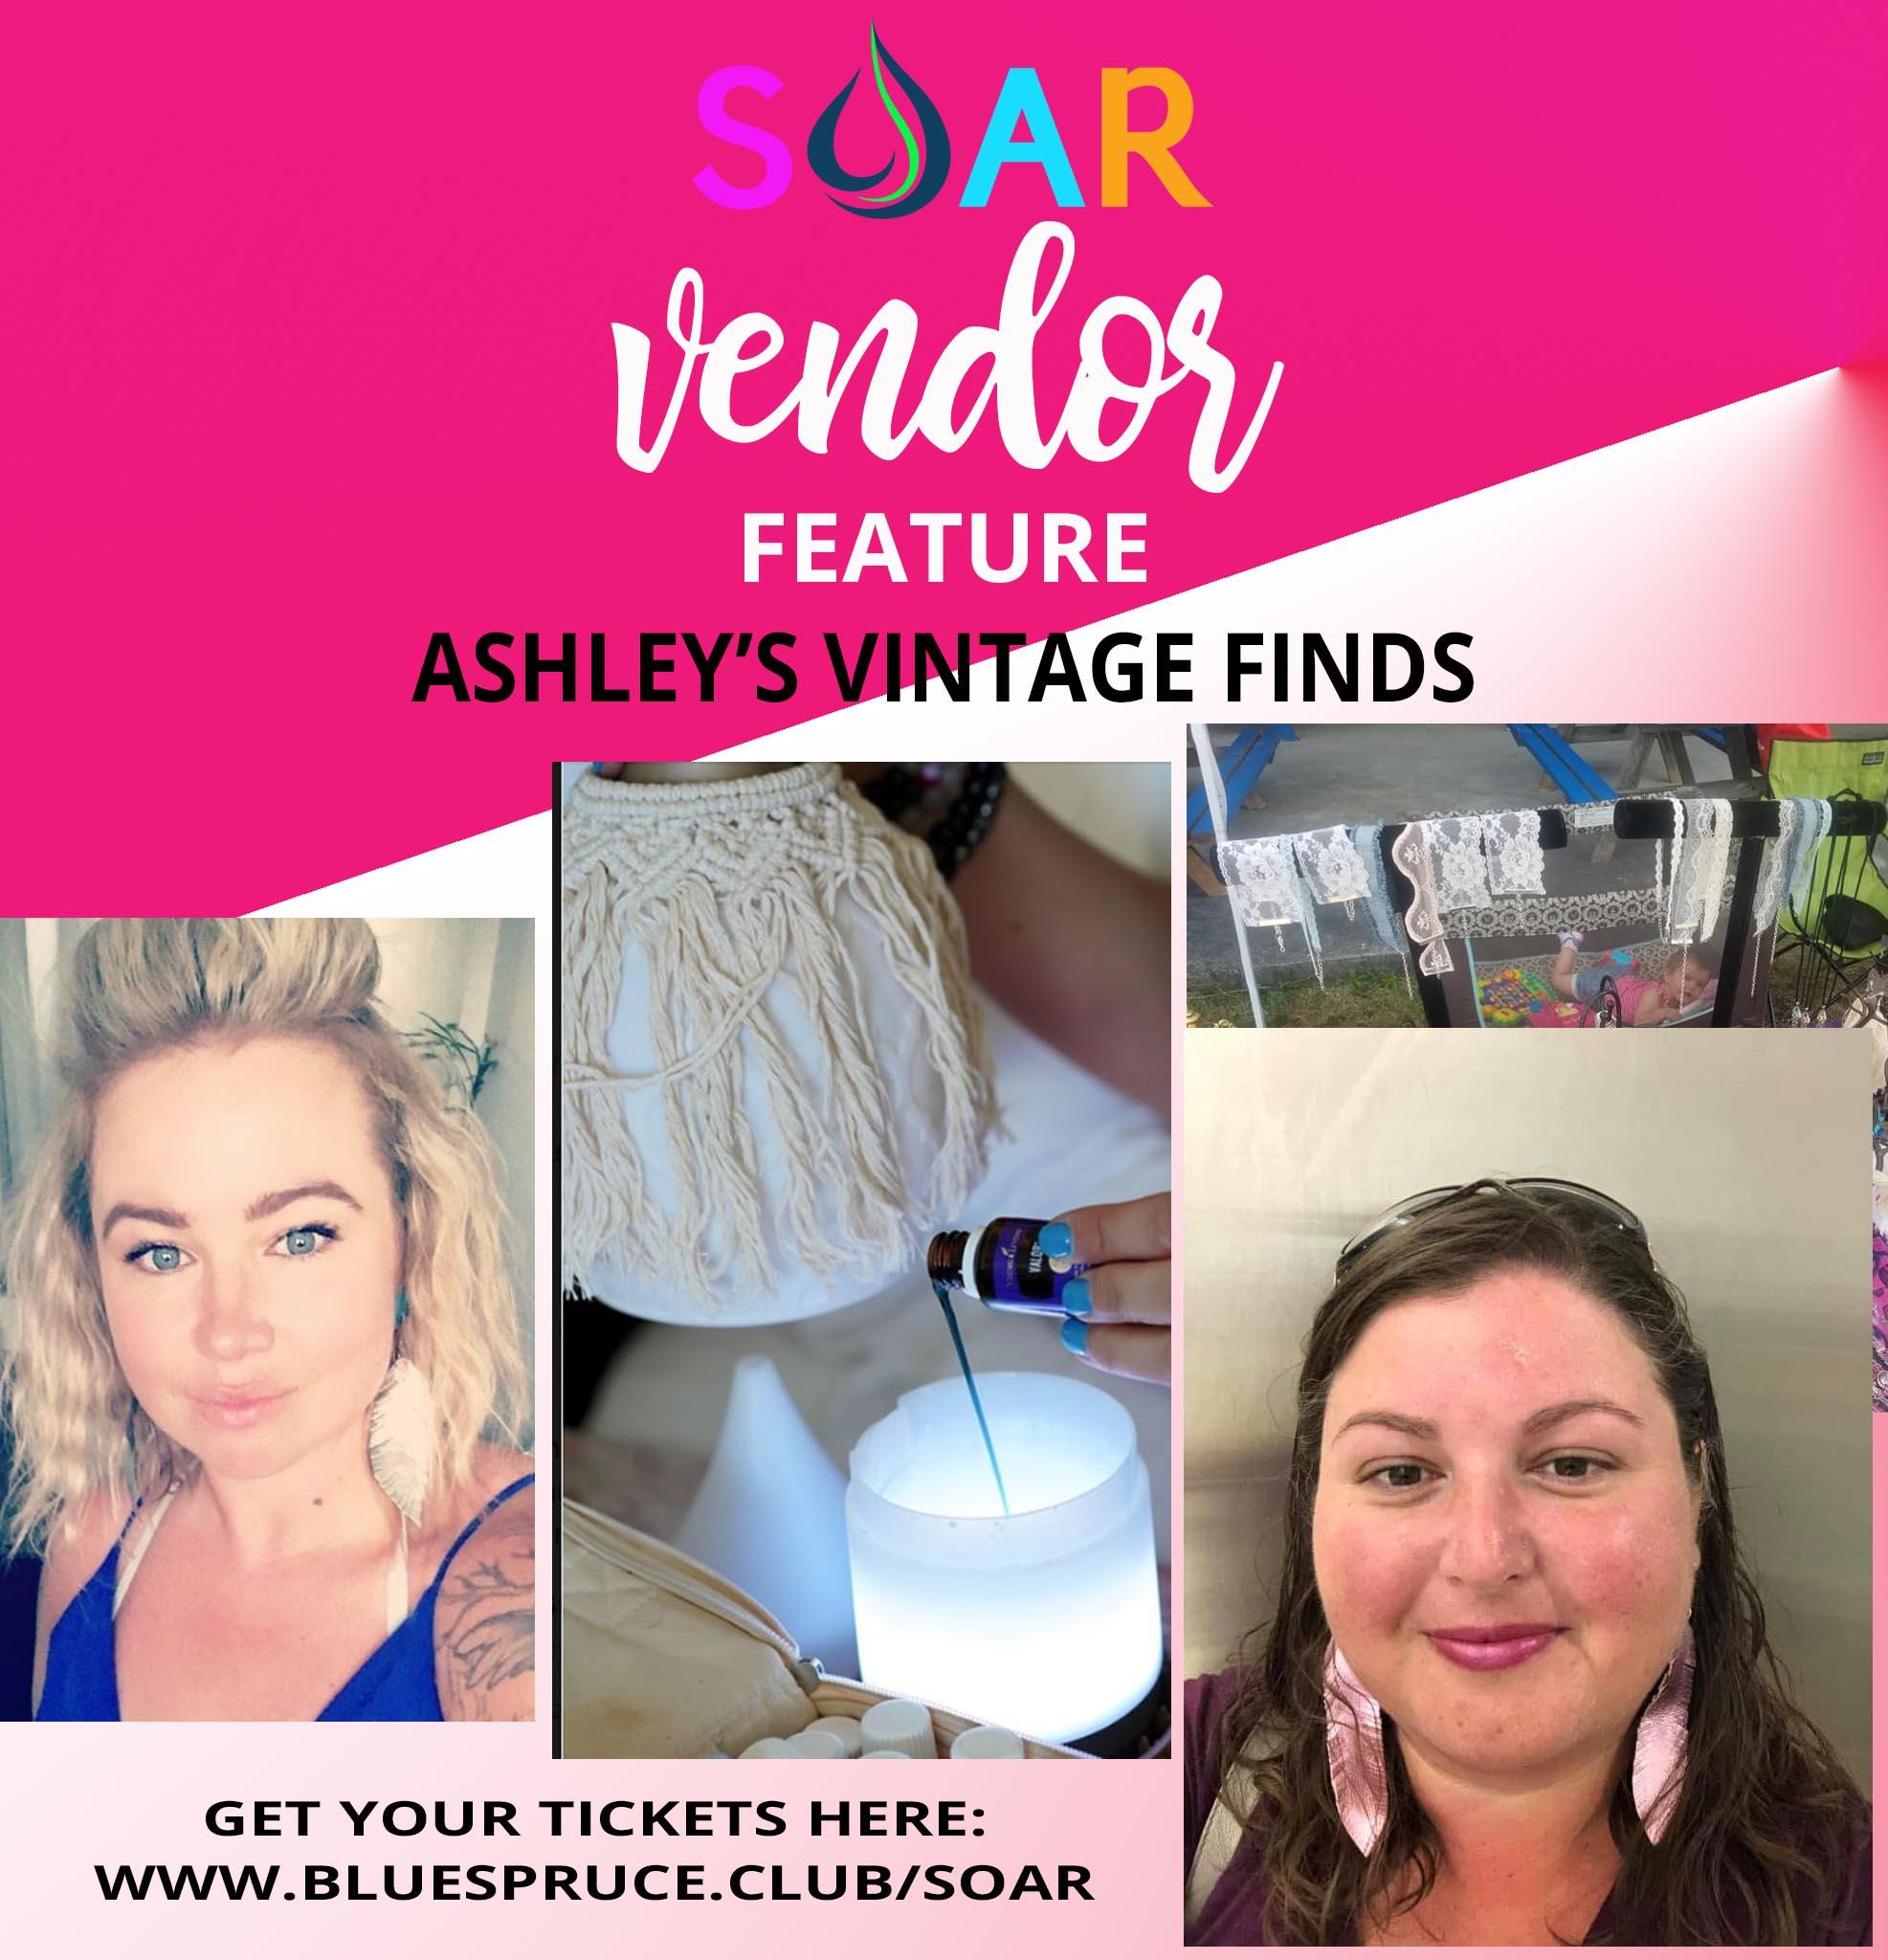 SOAR Vendor feature Ashley's Vintage Finds.jpg